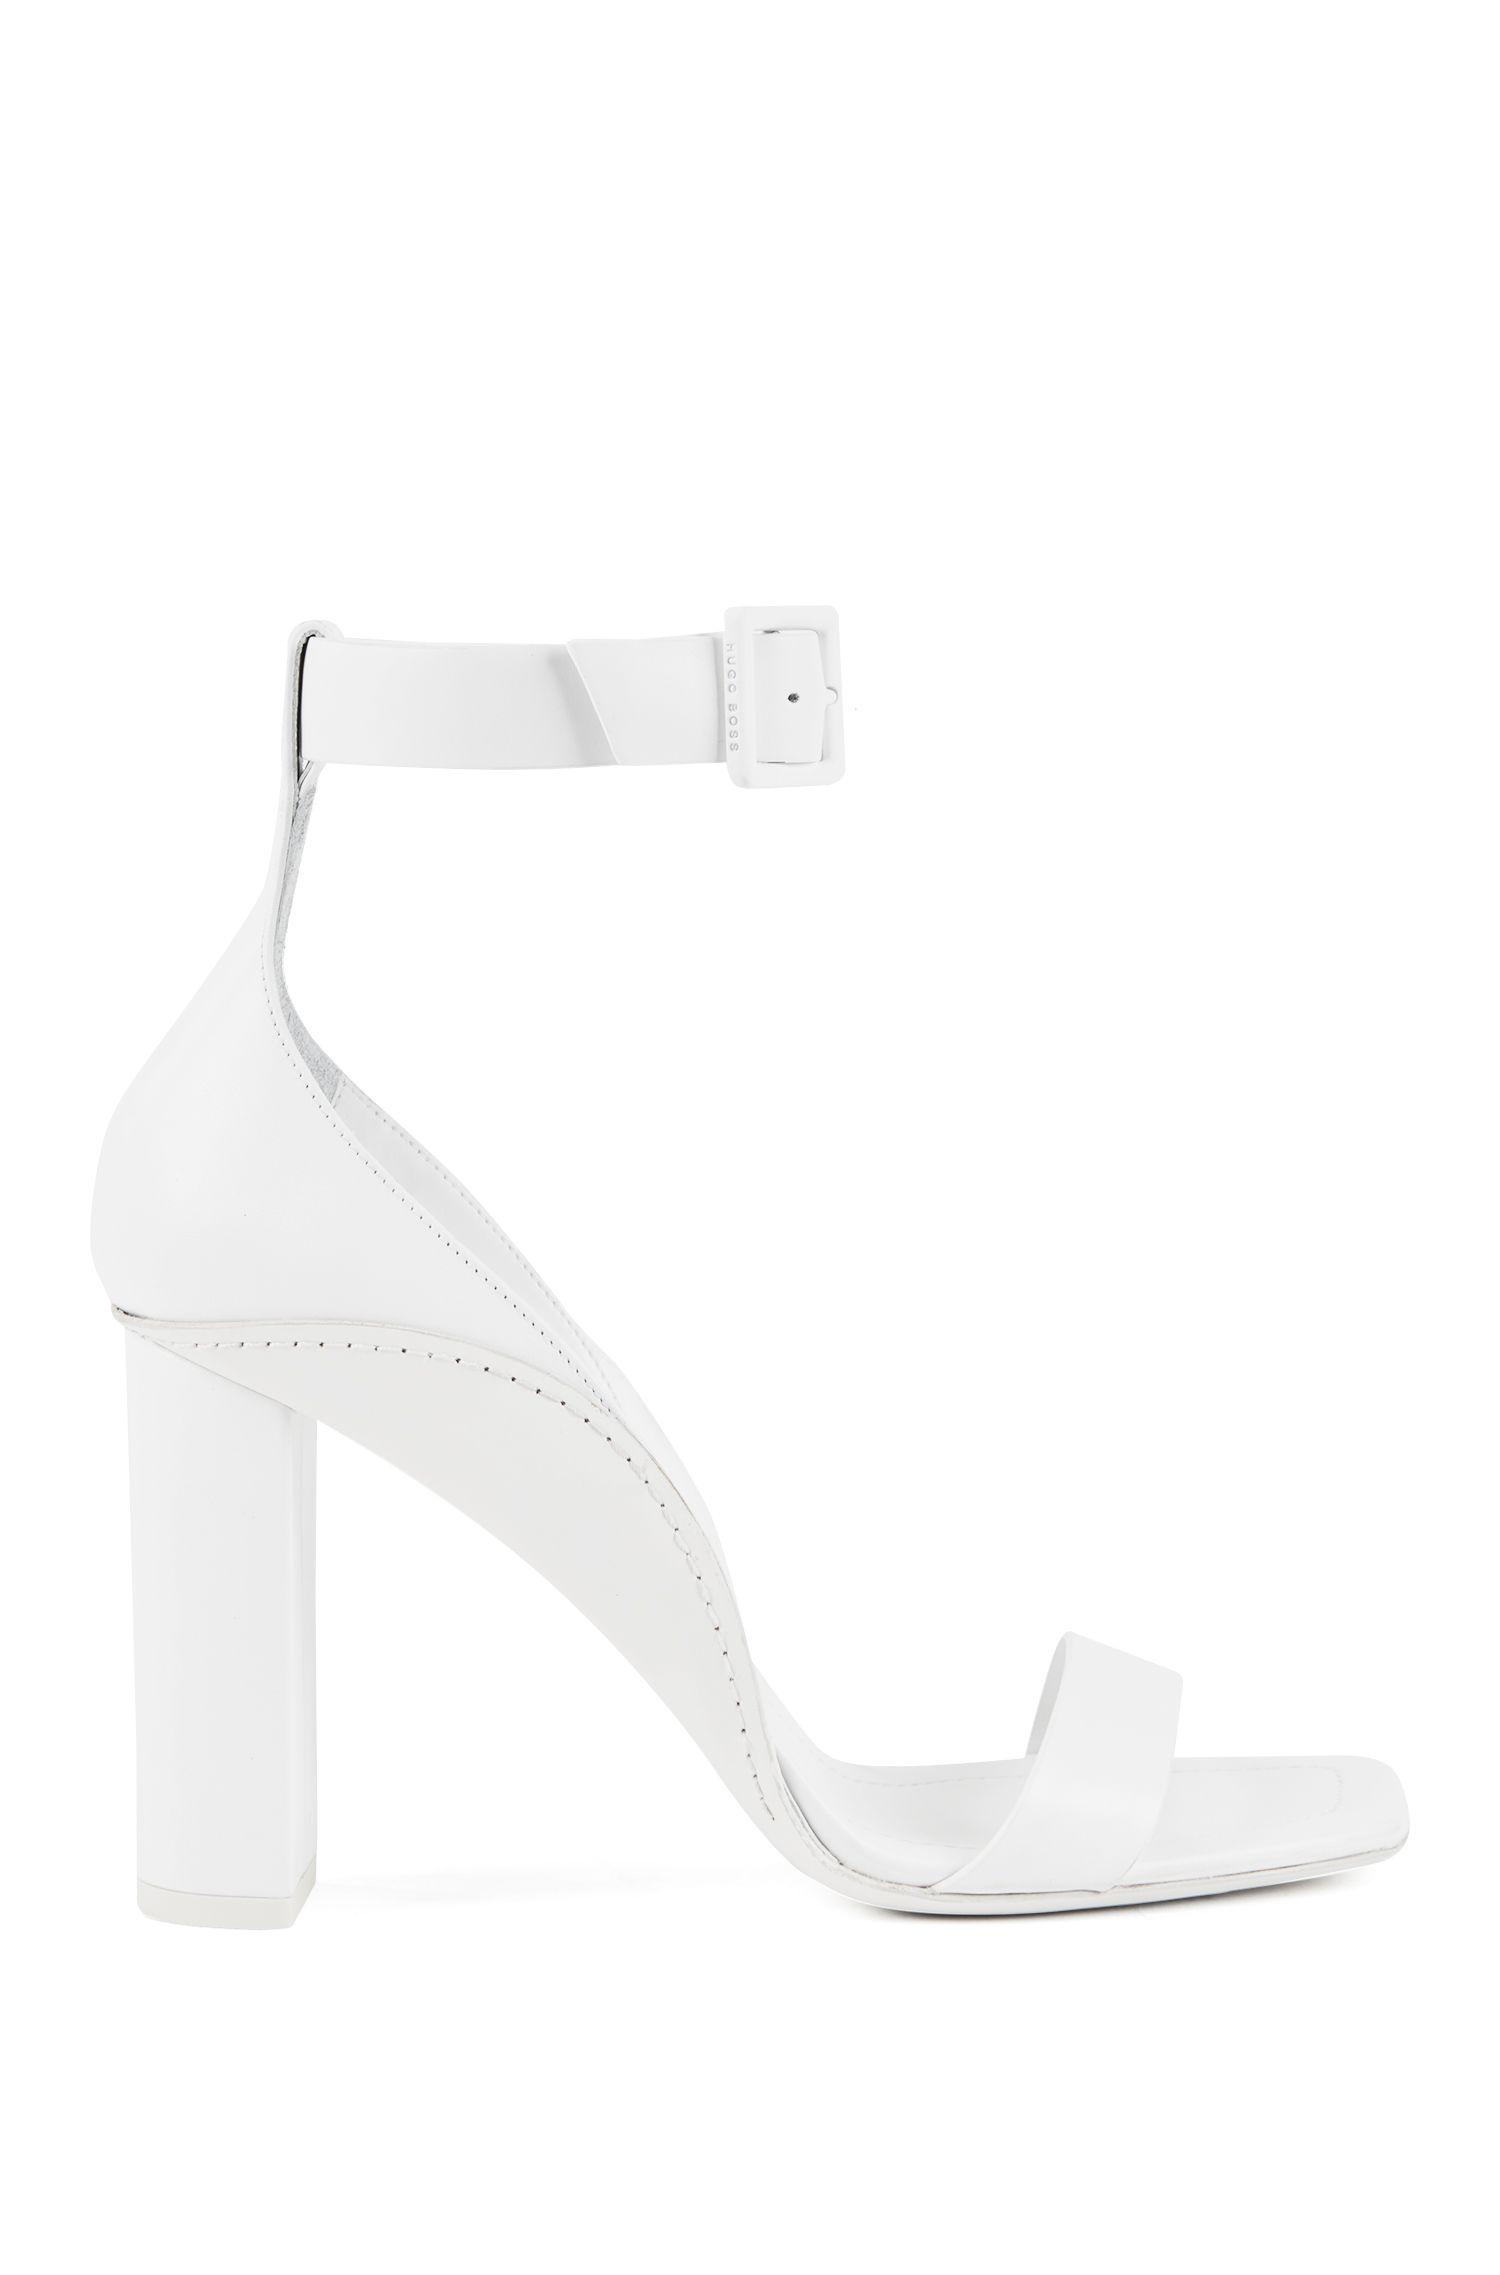 Sandalen aus italienischem Leder mit Blockabsatz und Fesselriemen, Weiß